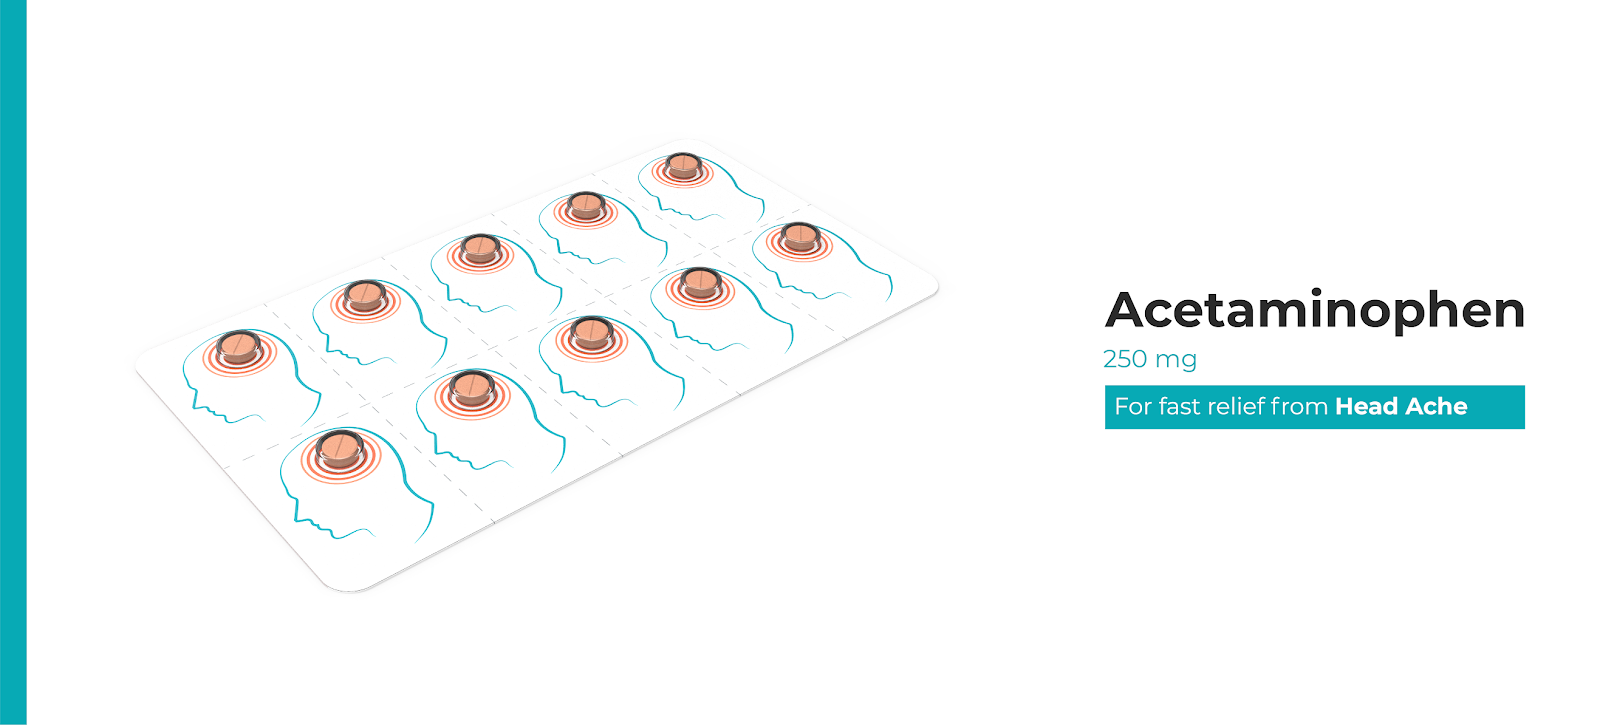 Συσκευασία ακεταμινοφαίνης σχεδιασμένη από Sim-Pill